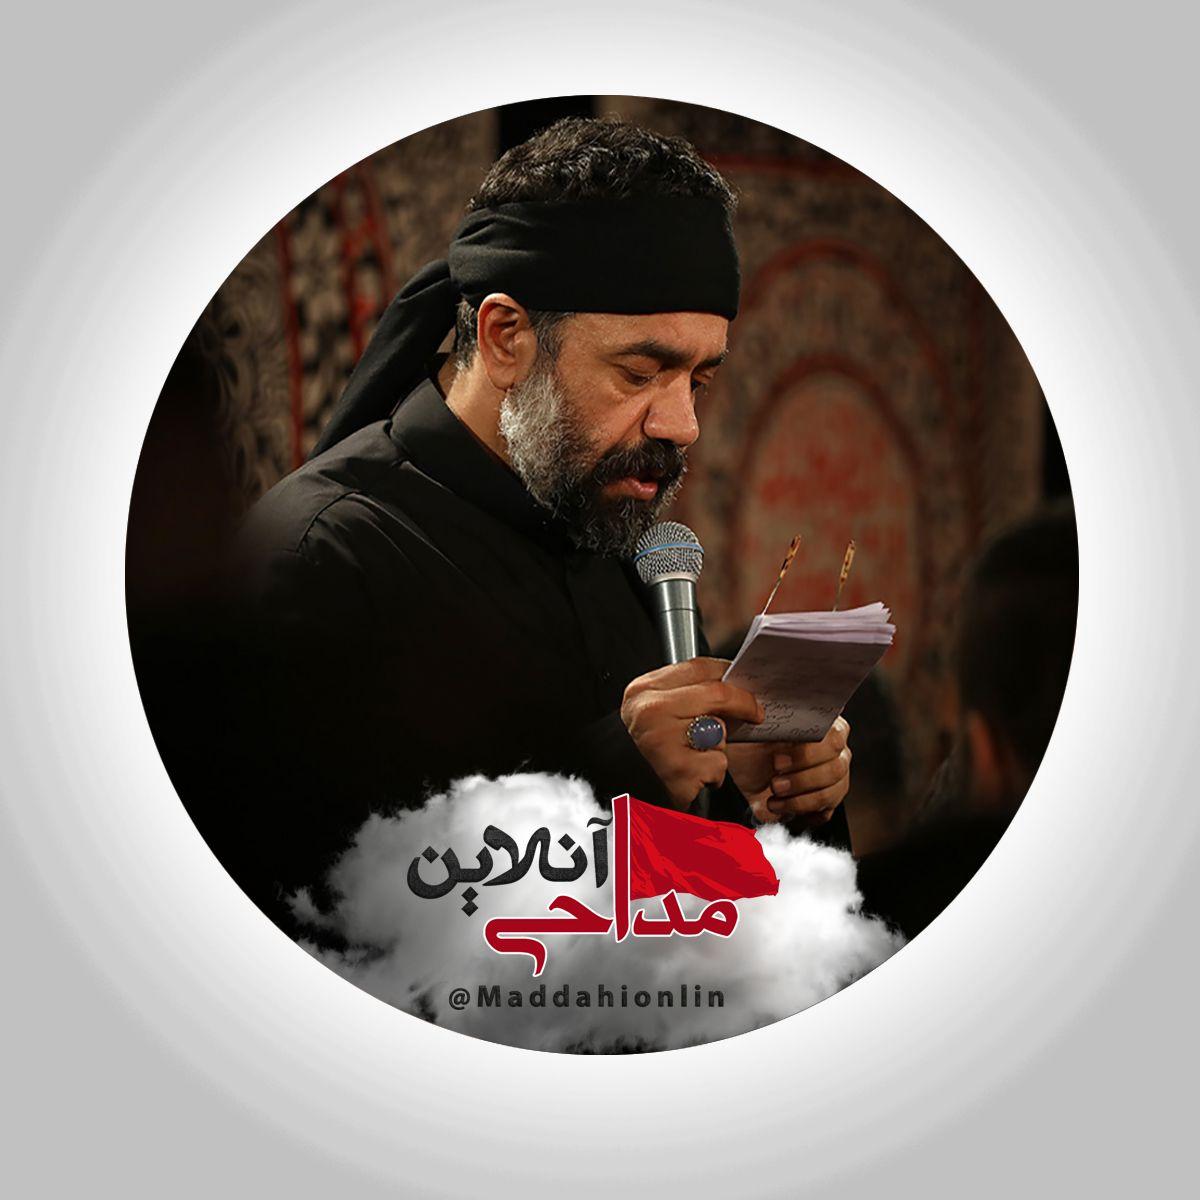 محمود کریمی,